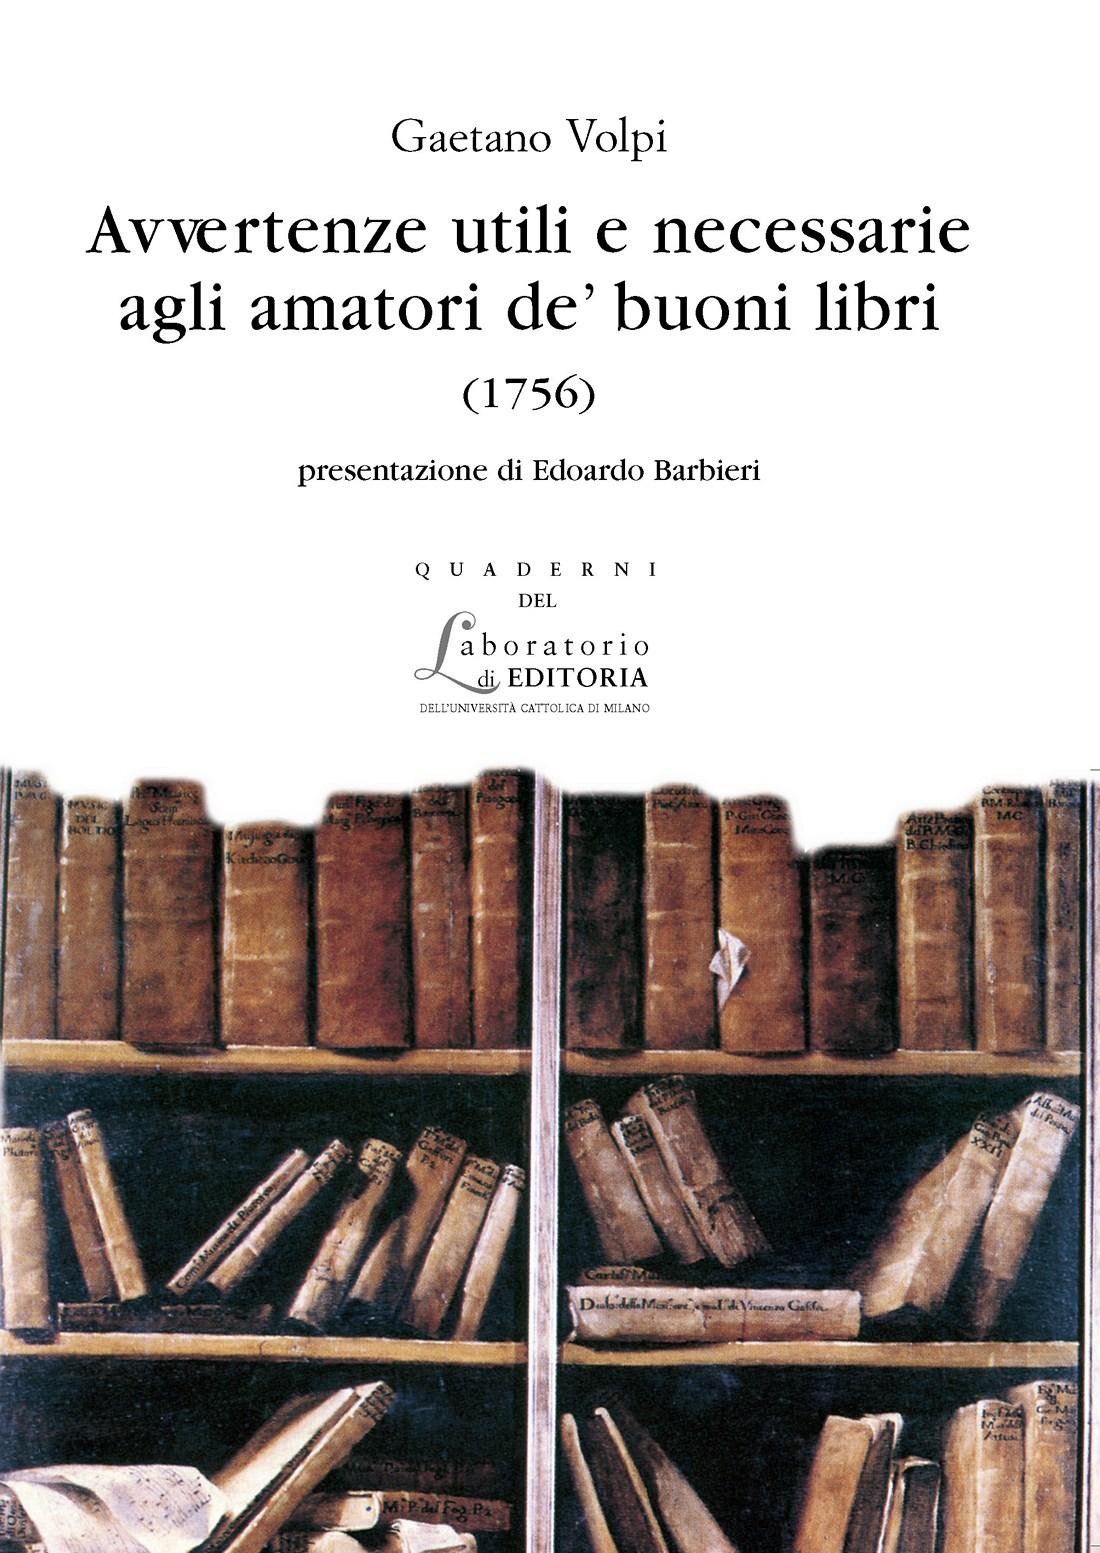 AVVERTENZE UTILI E NECESSARIE AGLI AMATORI DE' BUONI LIBRI (1756). QUADERNI QUALE 3